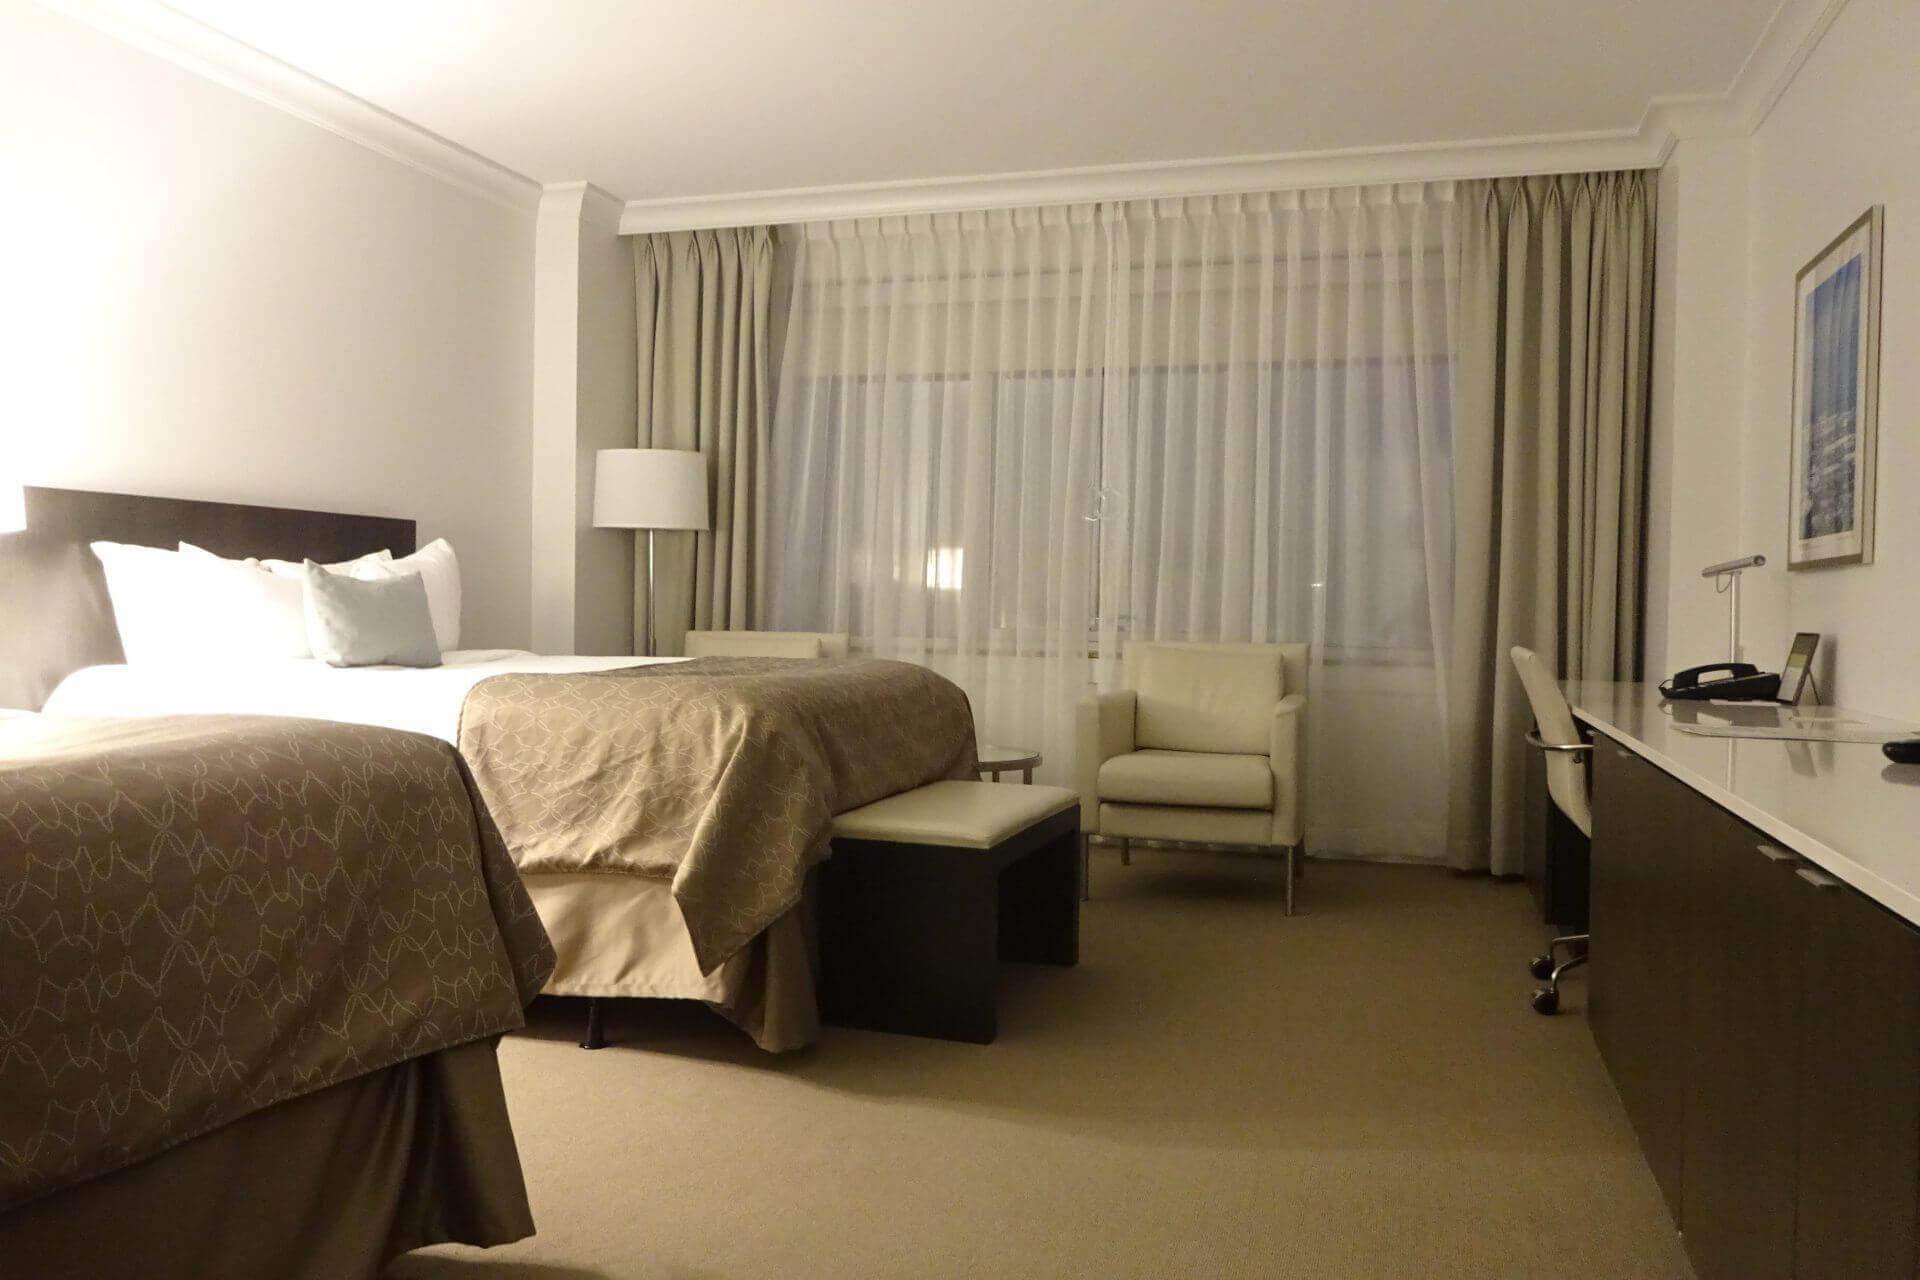 Hotelzimmer. Bilder und Eindrücke aus Cleveland, Ohio, United States.